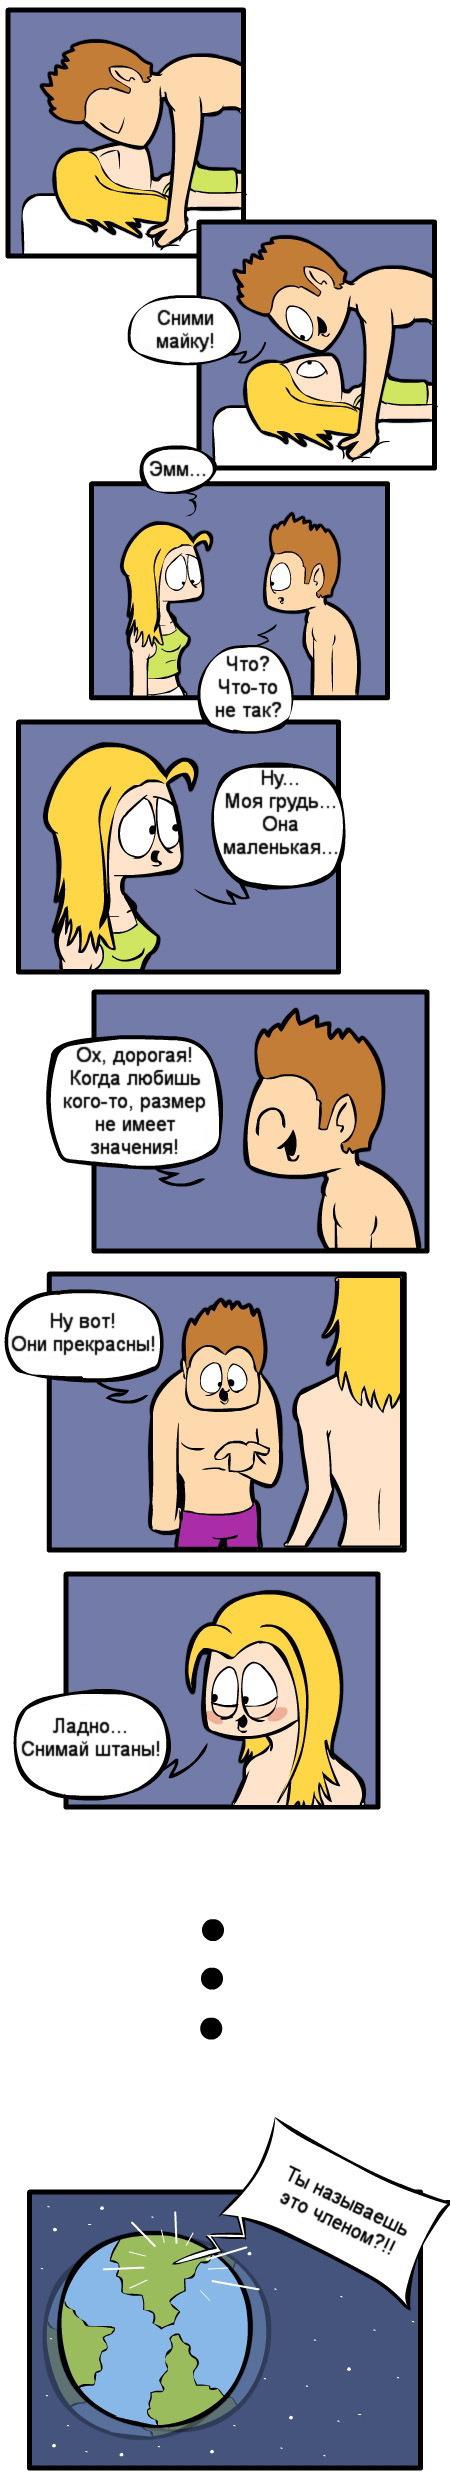 Смешные комиксы BroDude.ru brodude.ru, 11.07.2013, cuHaNEalLzwMLmN97w56sS9E1sQrBBT2